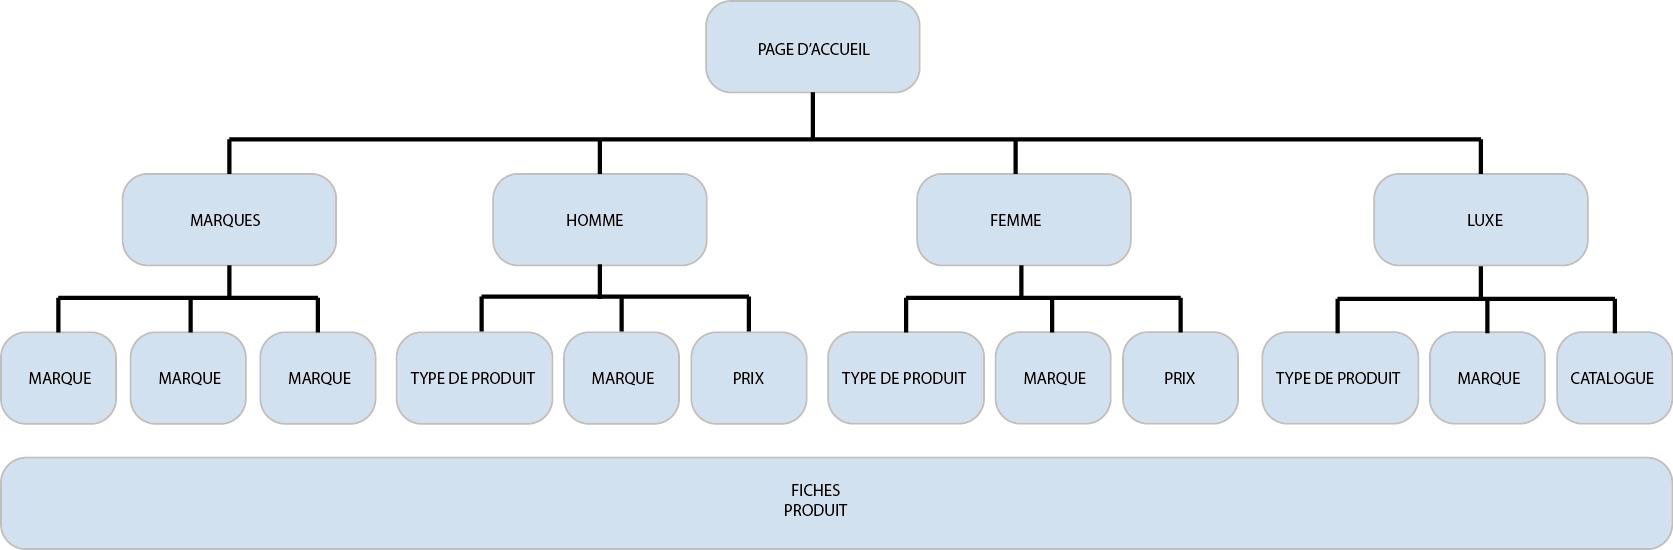 structure arborescence e-commerce seo guide smartkeyword